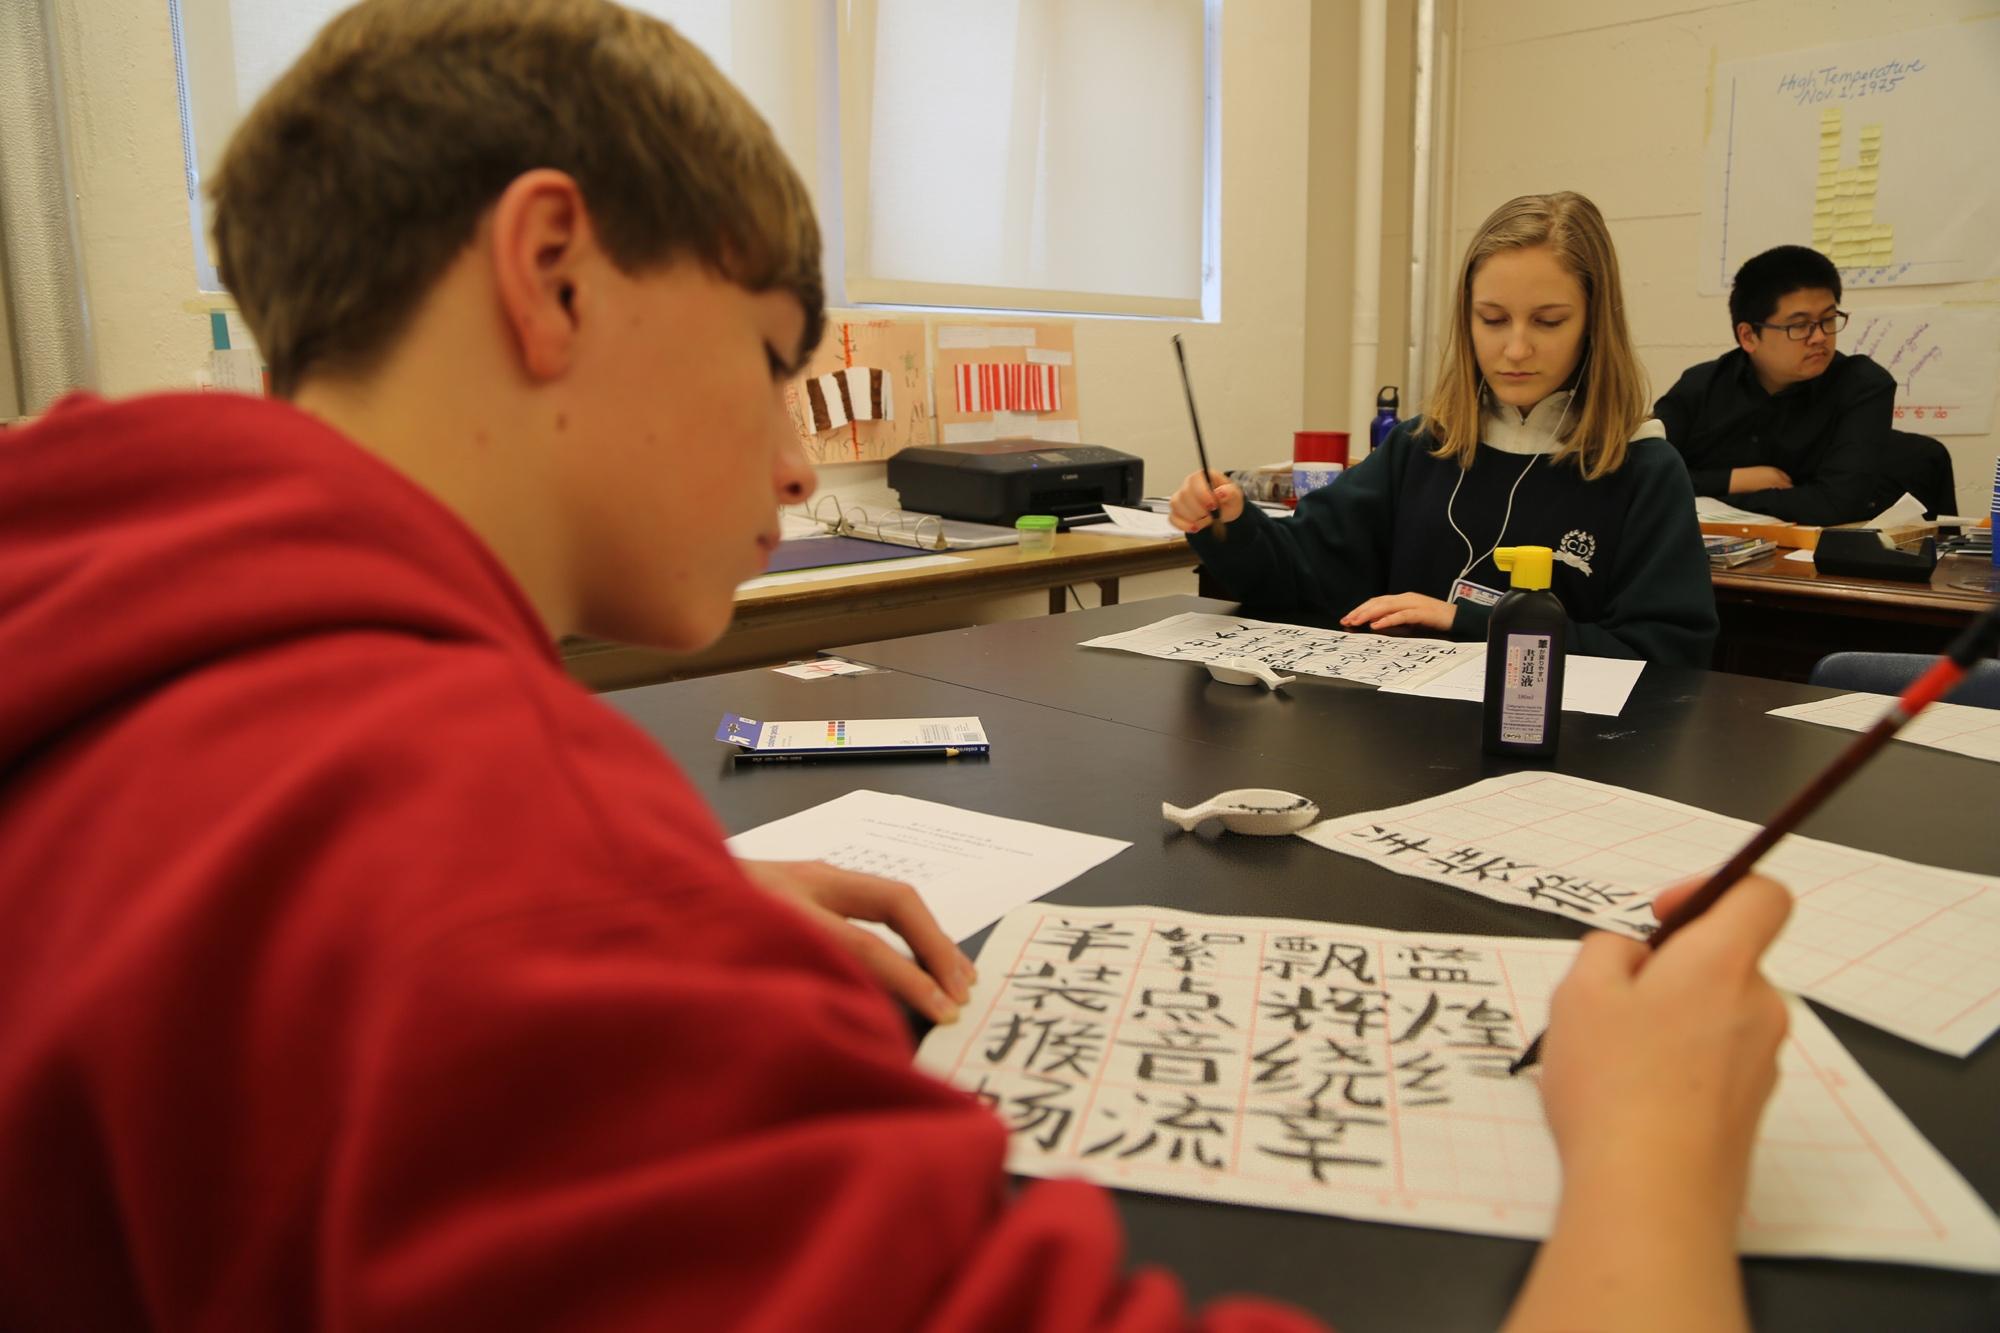 在美国旧金山市西奥多·罗斯福中学,中学生参加书法比赛。新华社发(刘艺霖摄)